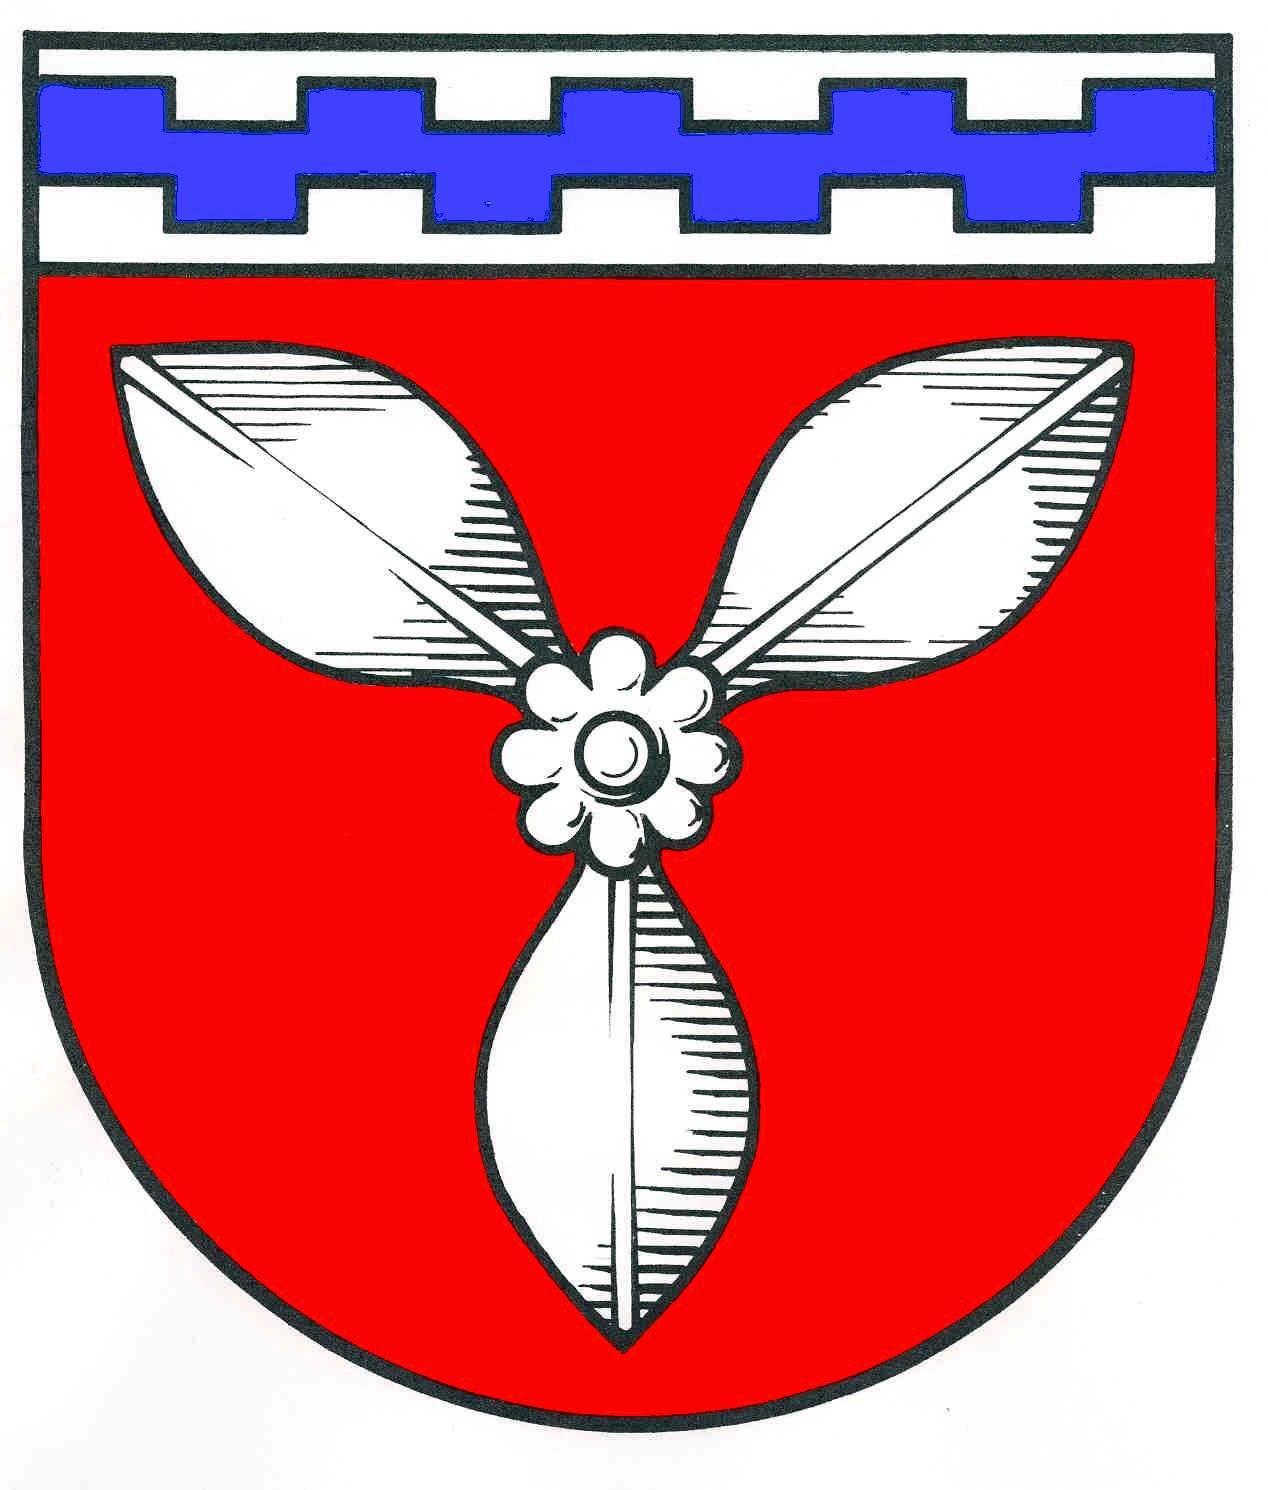 Wappen GemeindeAscheberg, Kreis Plön